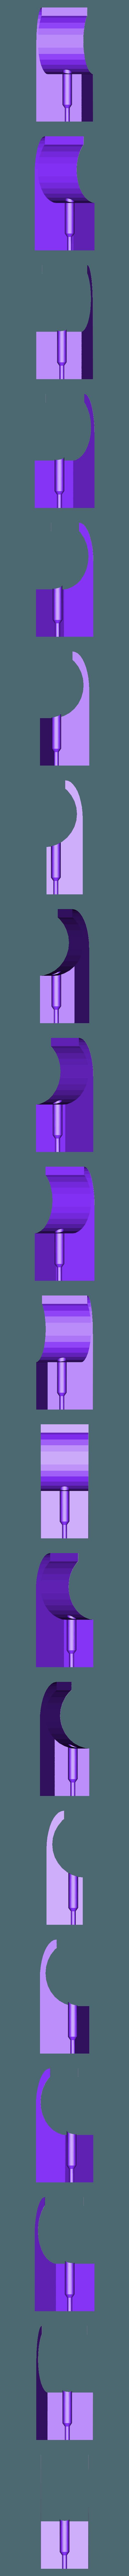 longboardmount.stl Download free STL file Longboard Wall Mount • 3D print object, sui77